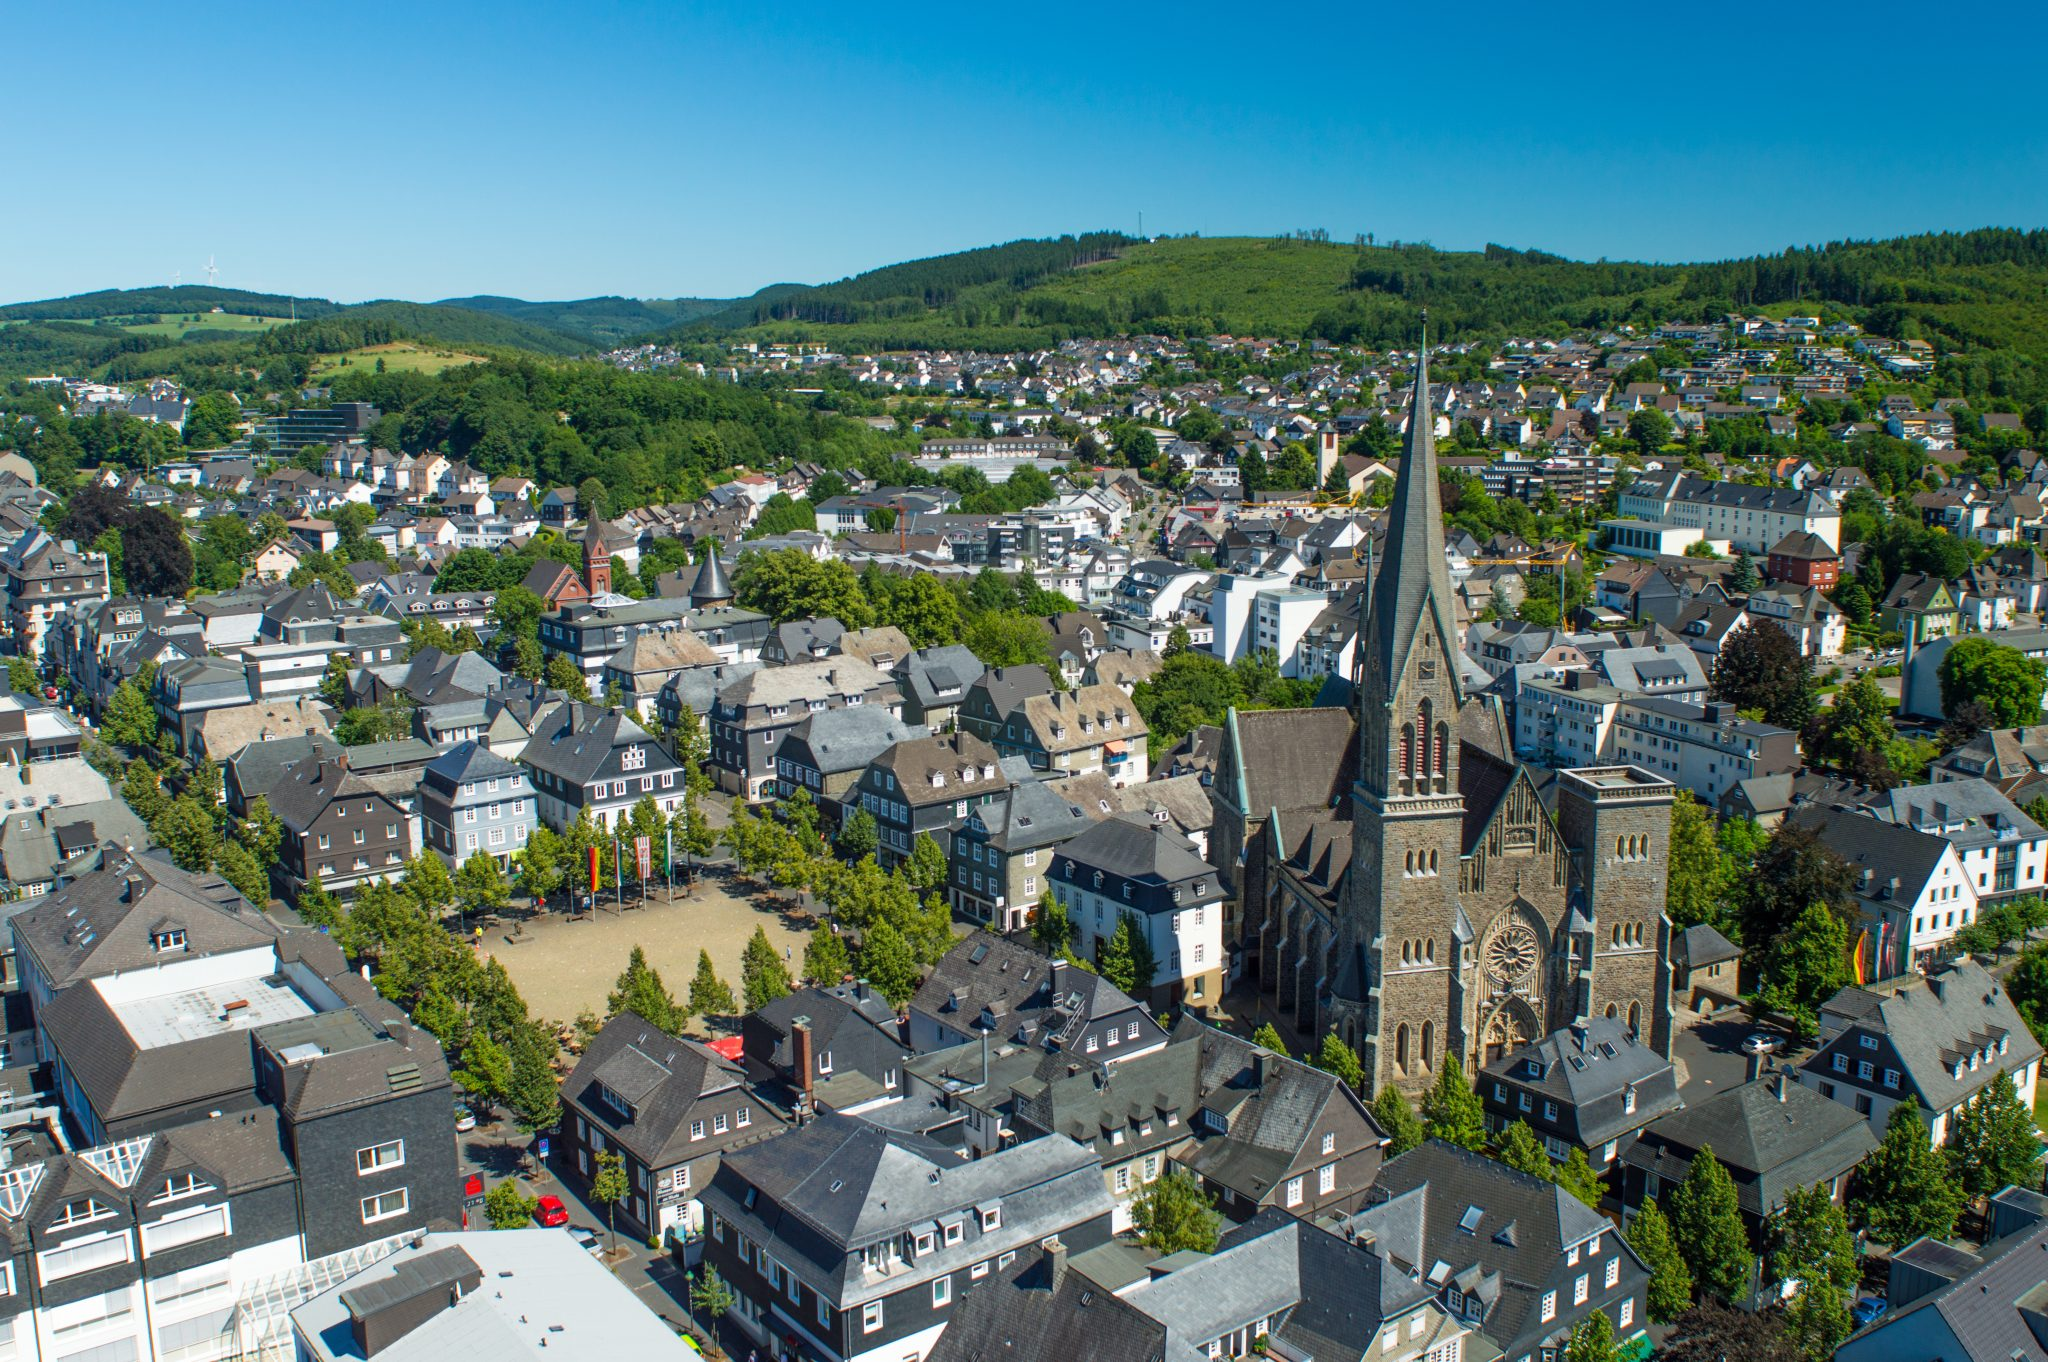 Olpe auf Platz 25 beim Ranking der erfolgreichsten mittelgroßen Städte Deutschlands